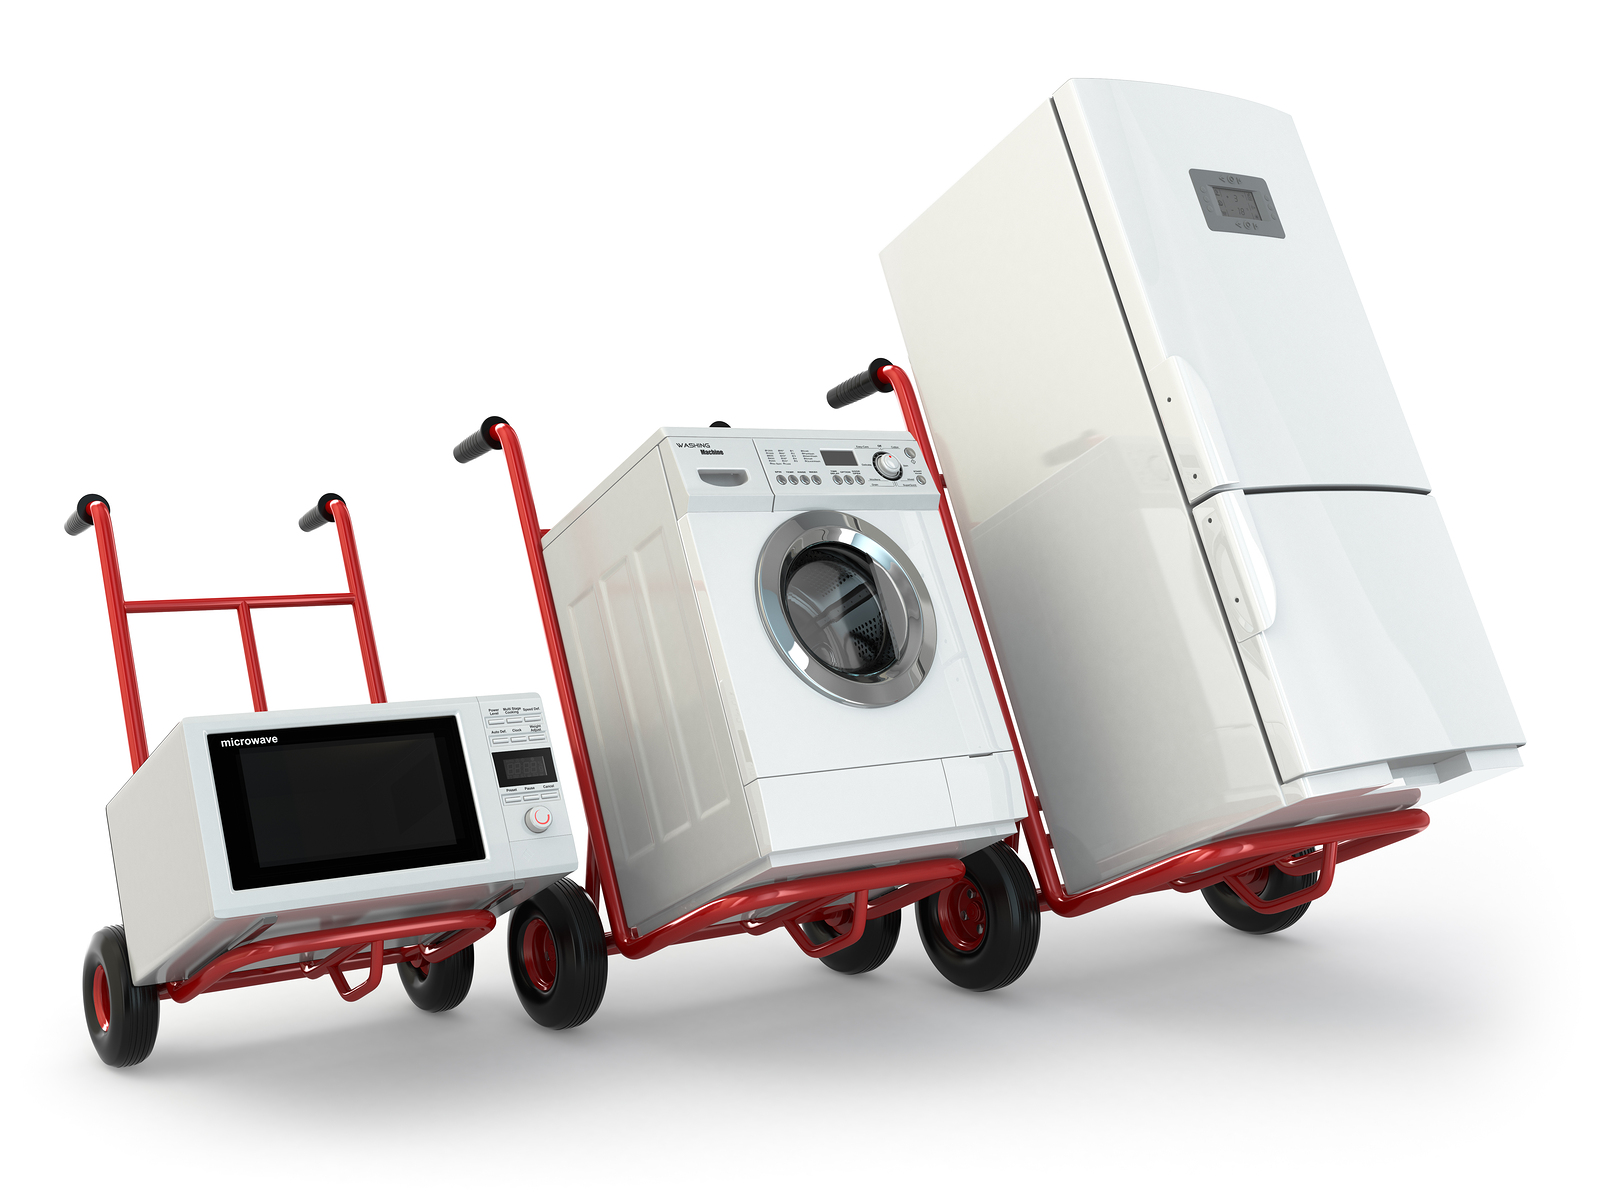 richtig heben für einen umzug ohne rückenschmerzen ~ Waschmaschine Transportieren